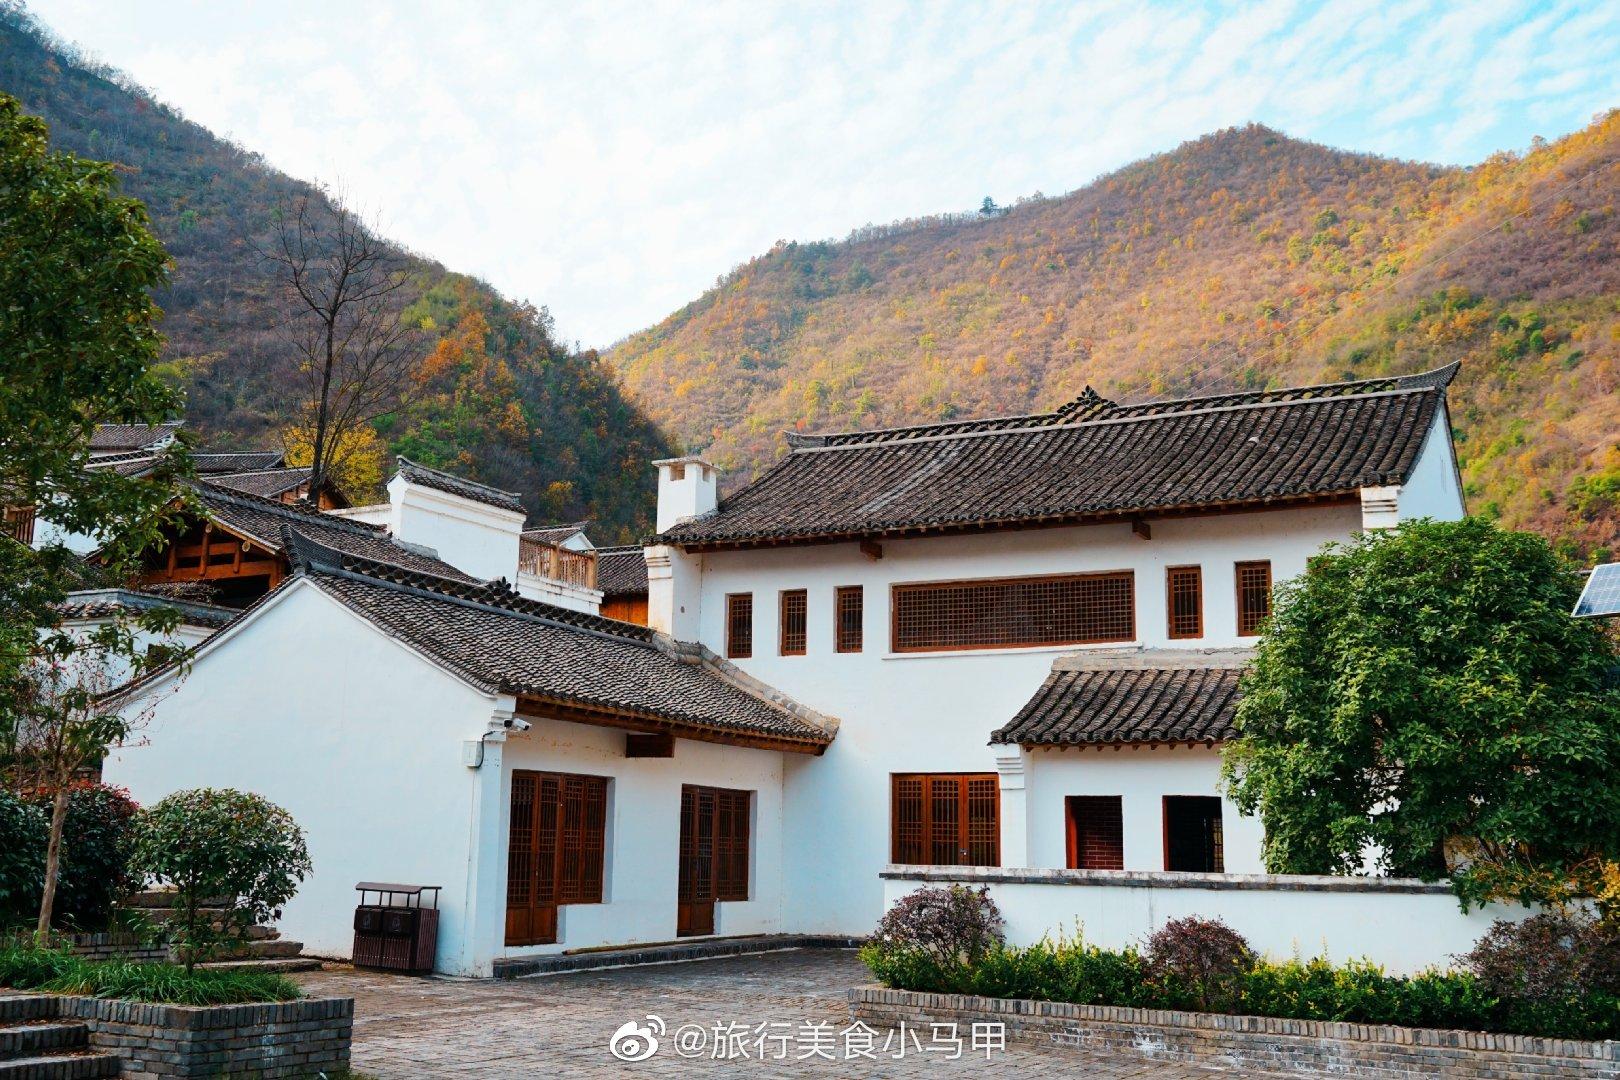 金丝峡镇王家坡一处距离金丝峡景区7公里风景不错的地方